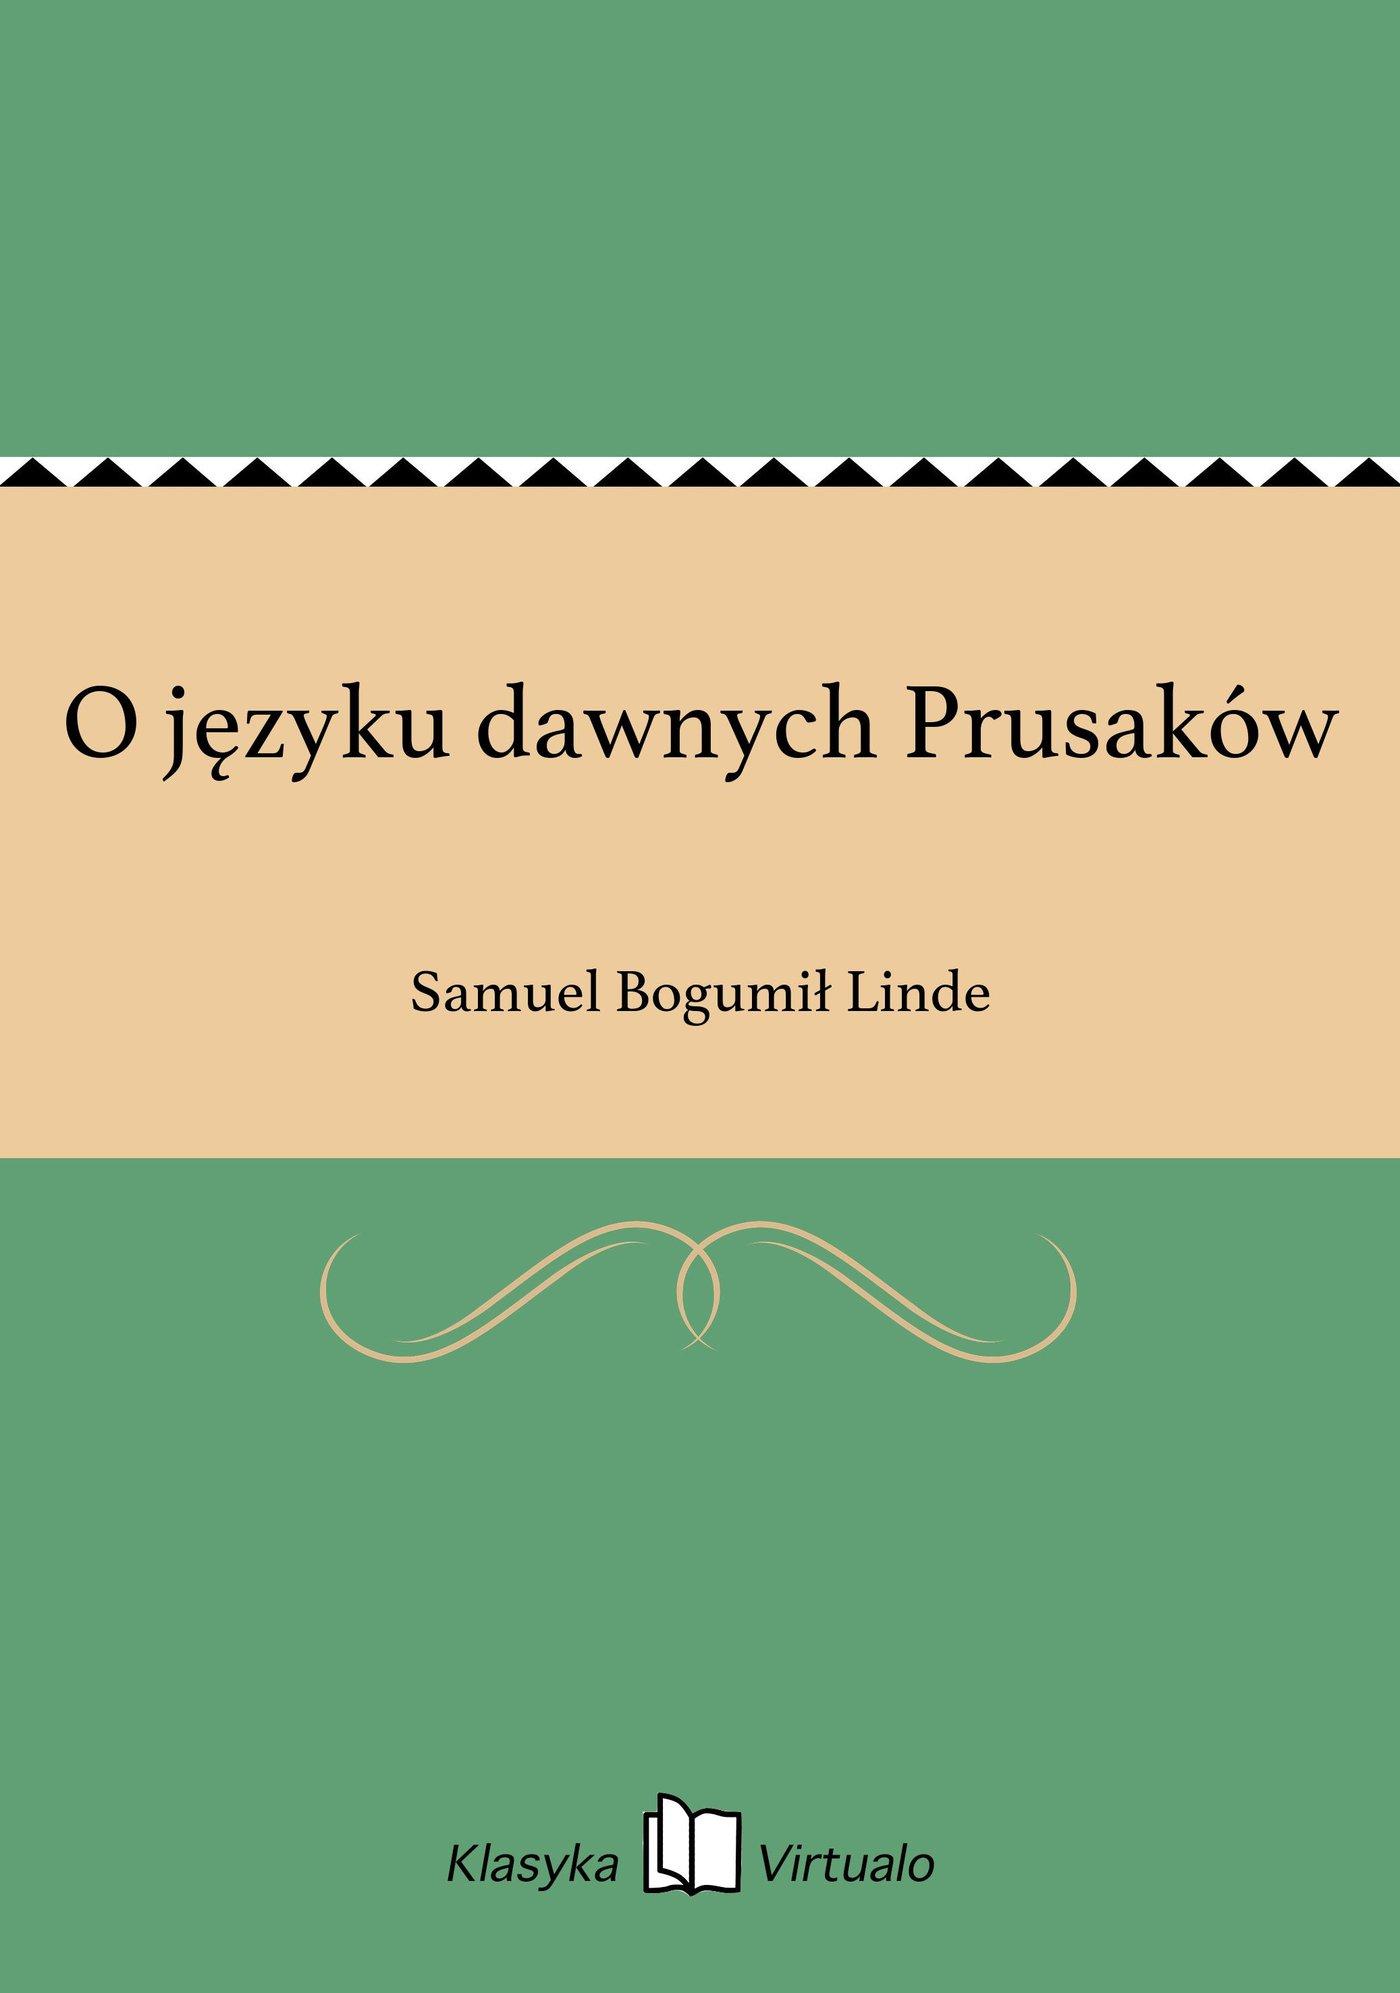 O języku dawnych Prusaków - Ebook (Książka EPUB) do pobrania w formacie EPUB